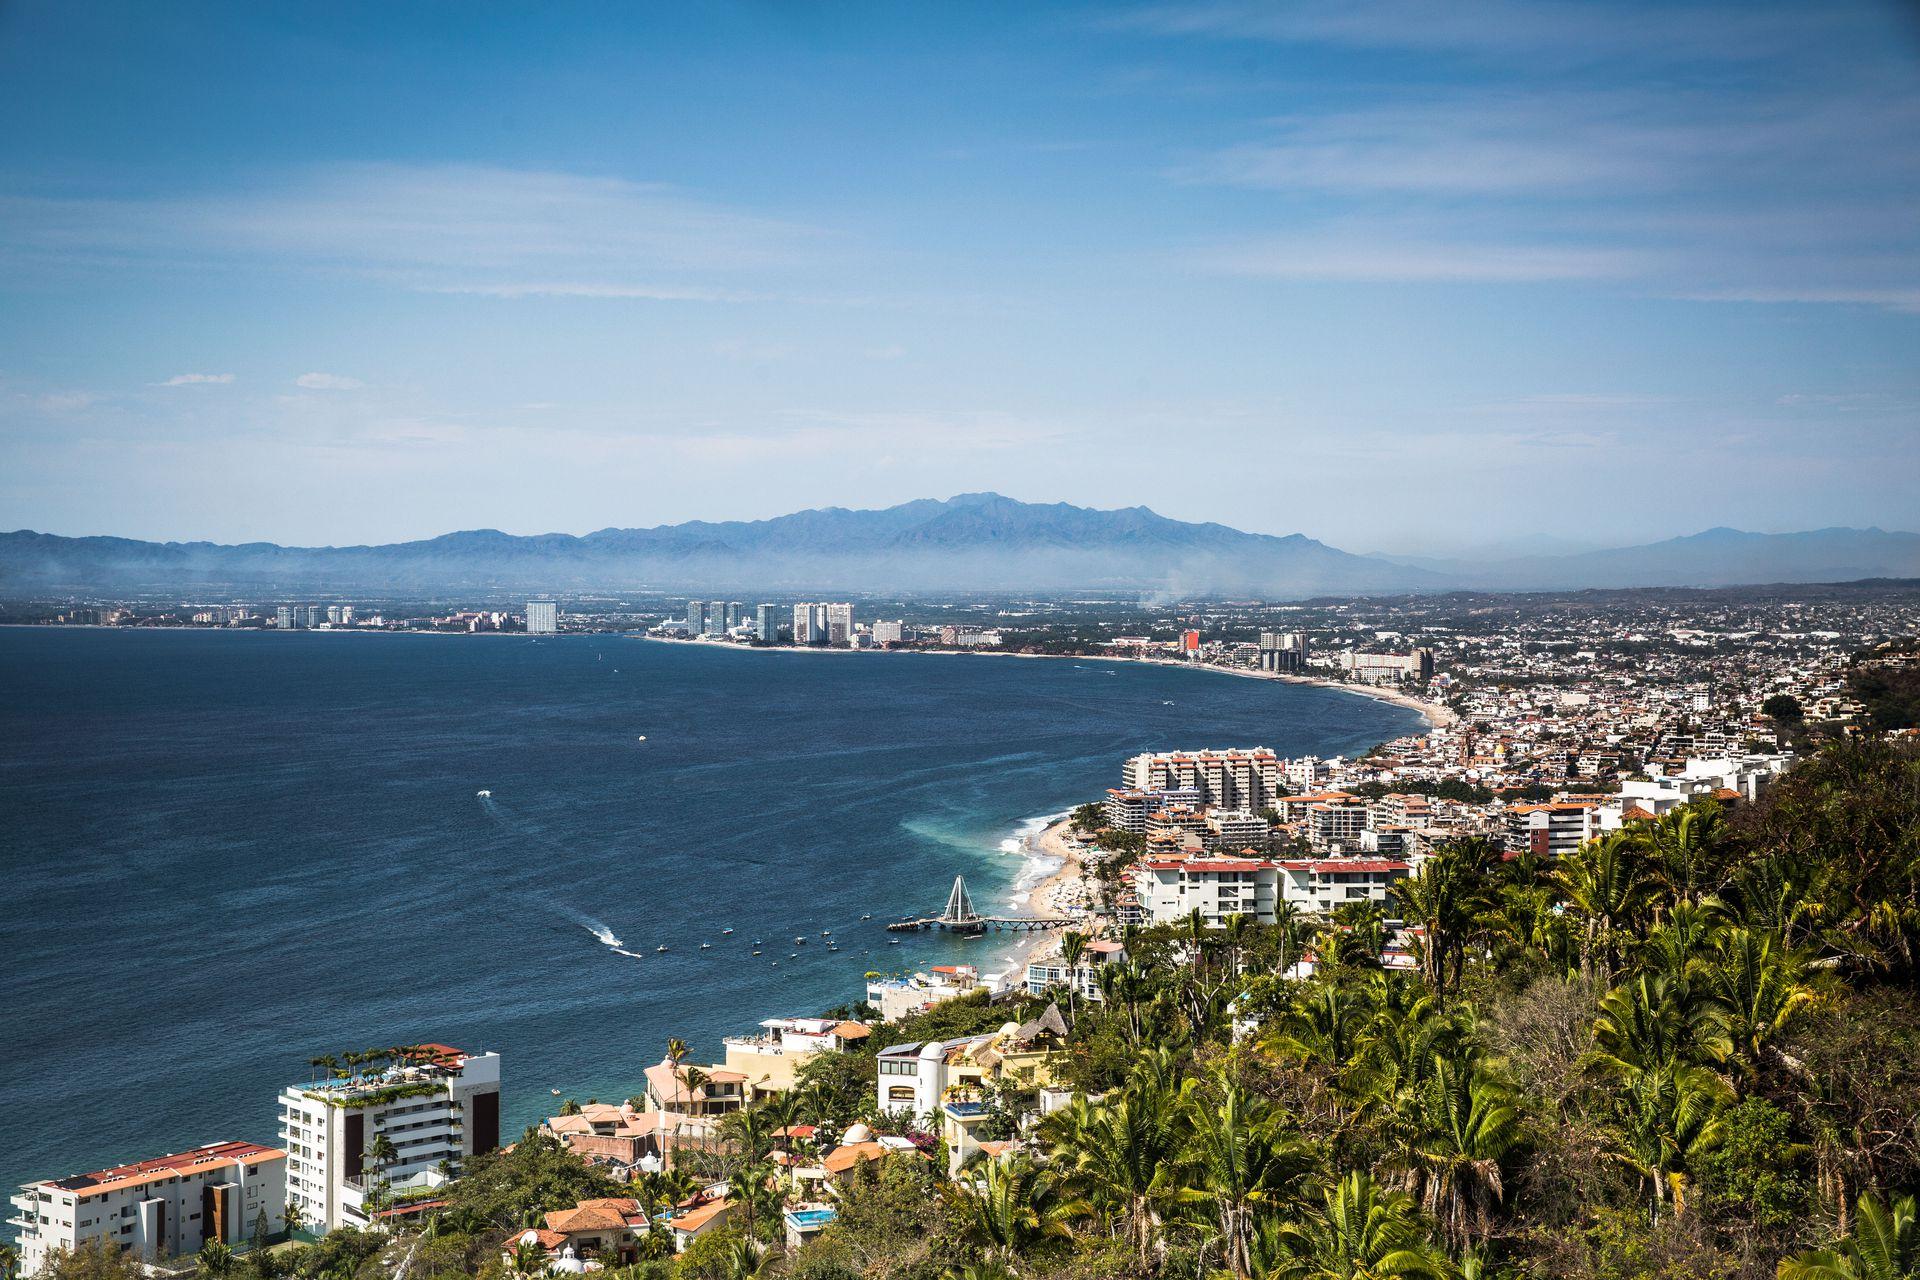 Vista de la Bahía de Banderas, Puerto Vallarta.